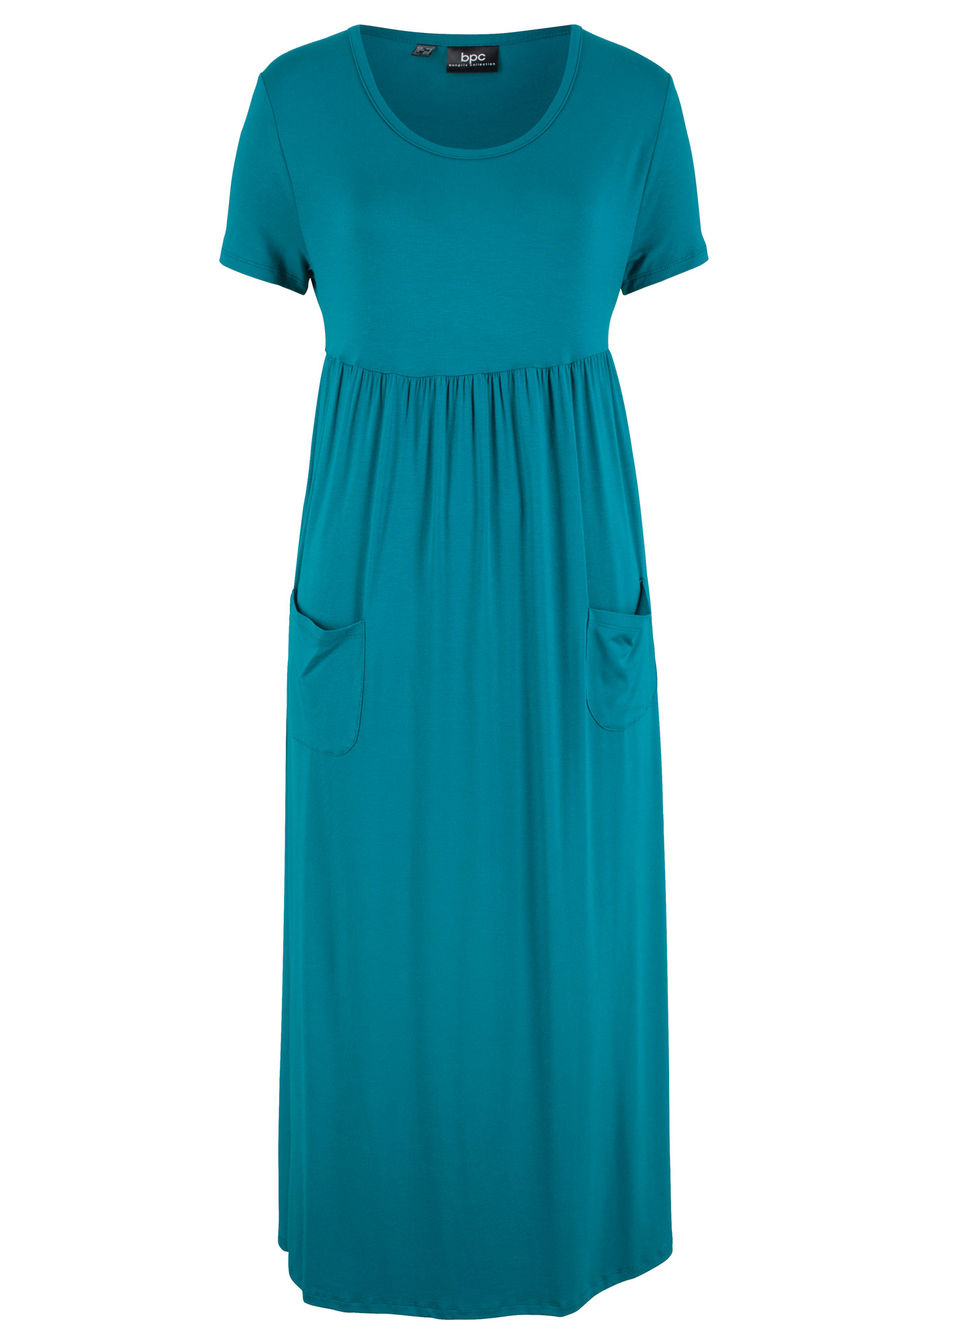 Sukienka maxi ze stretchem, z okrągłym dekoltem i krótkim rękawem bonprix morski turkusowy